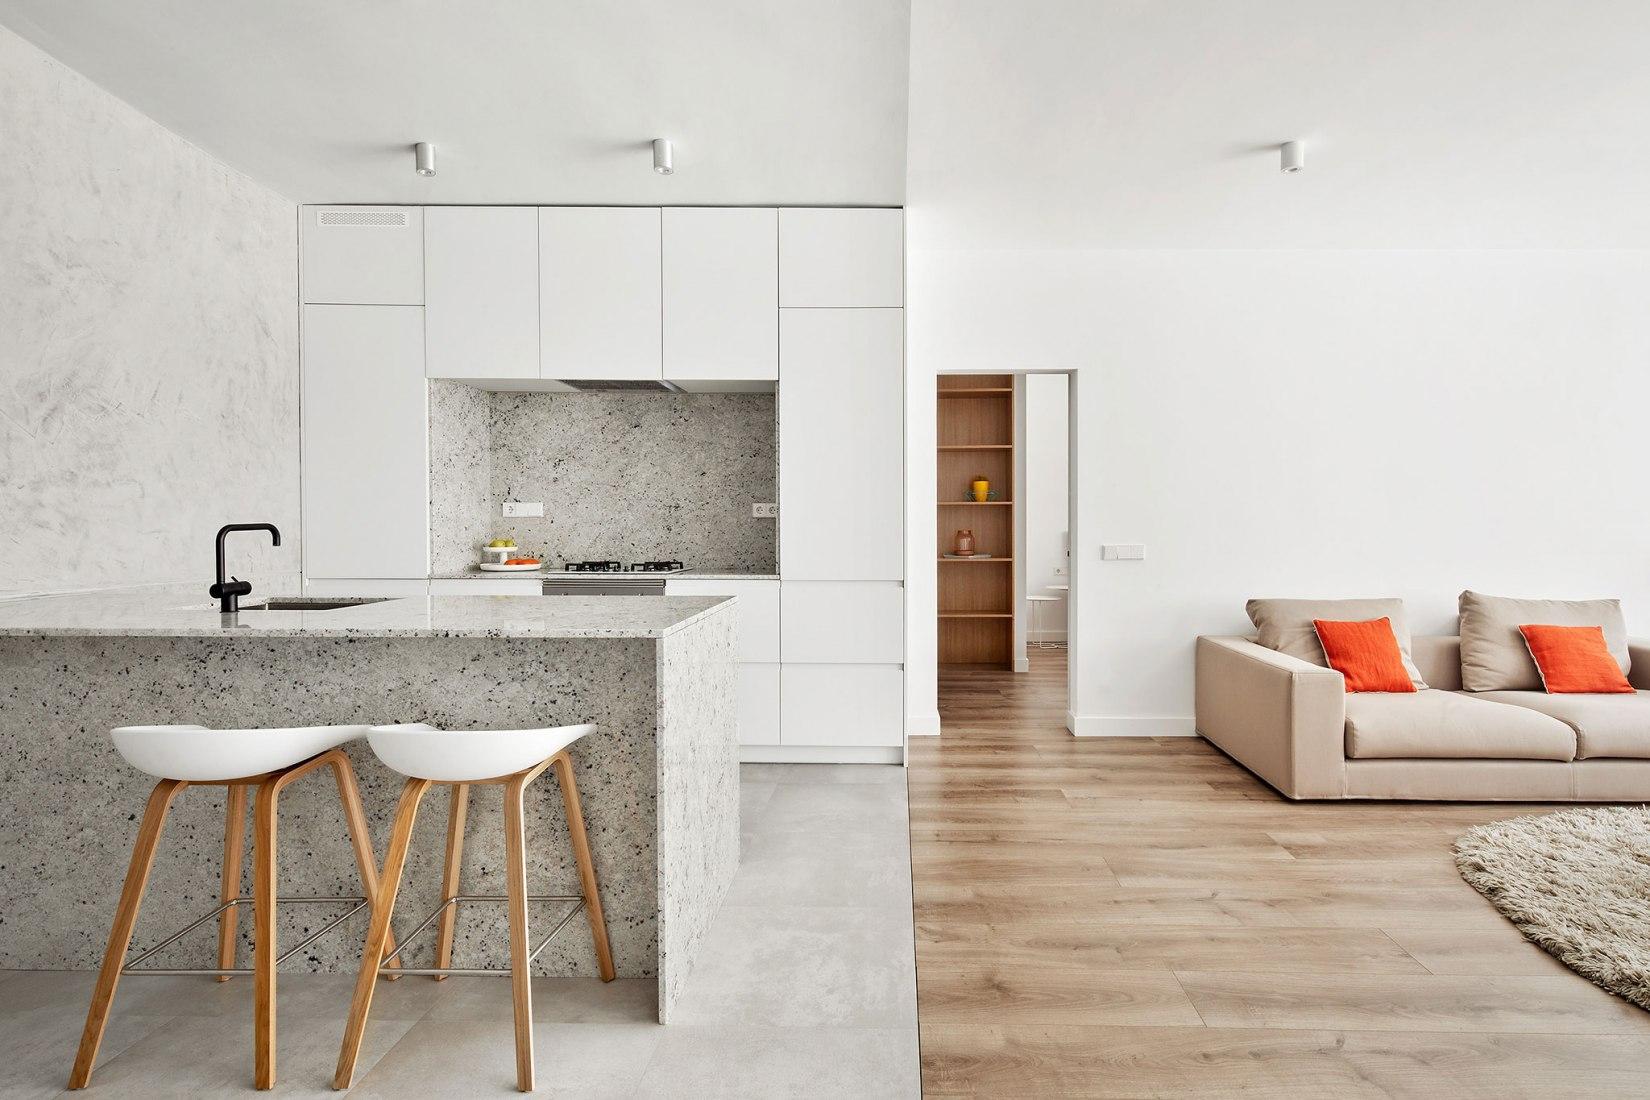 Villarroel apartament by Raúl Sánchez architects. Photograph © José Hevia